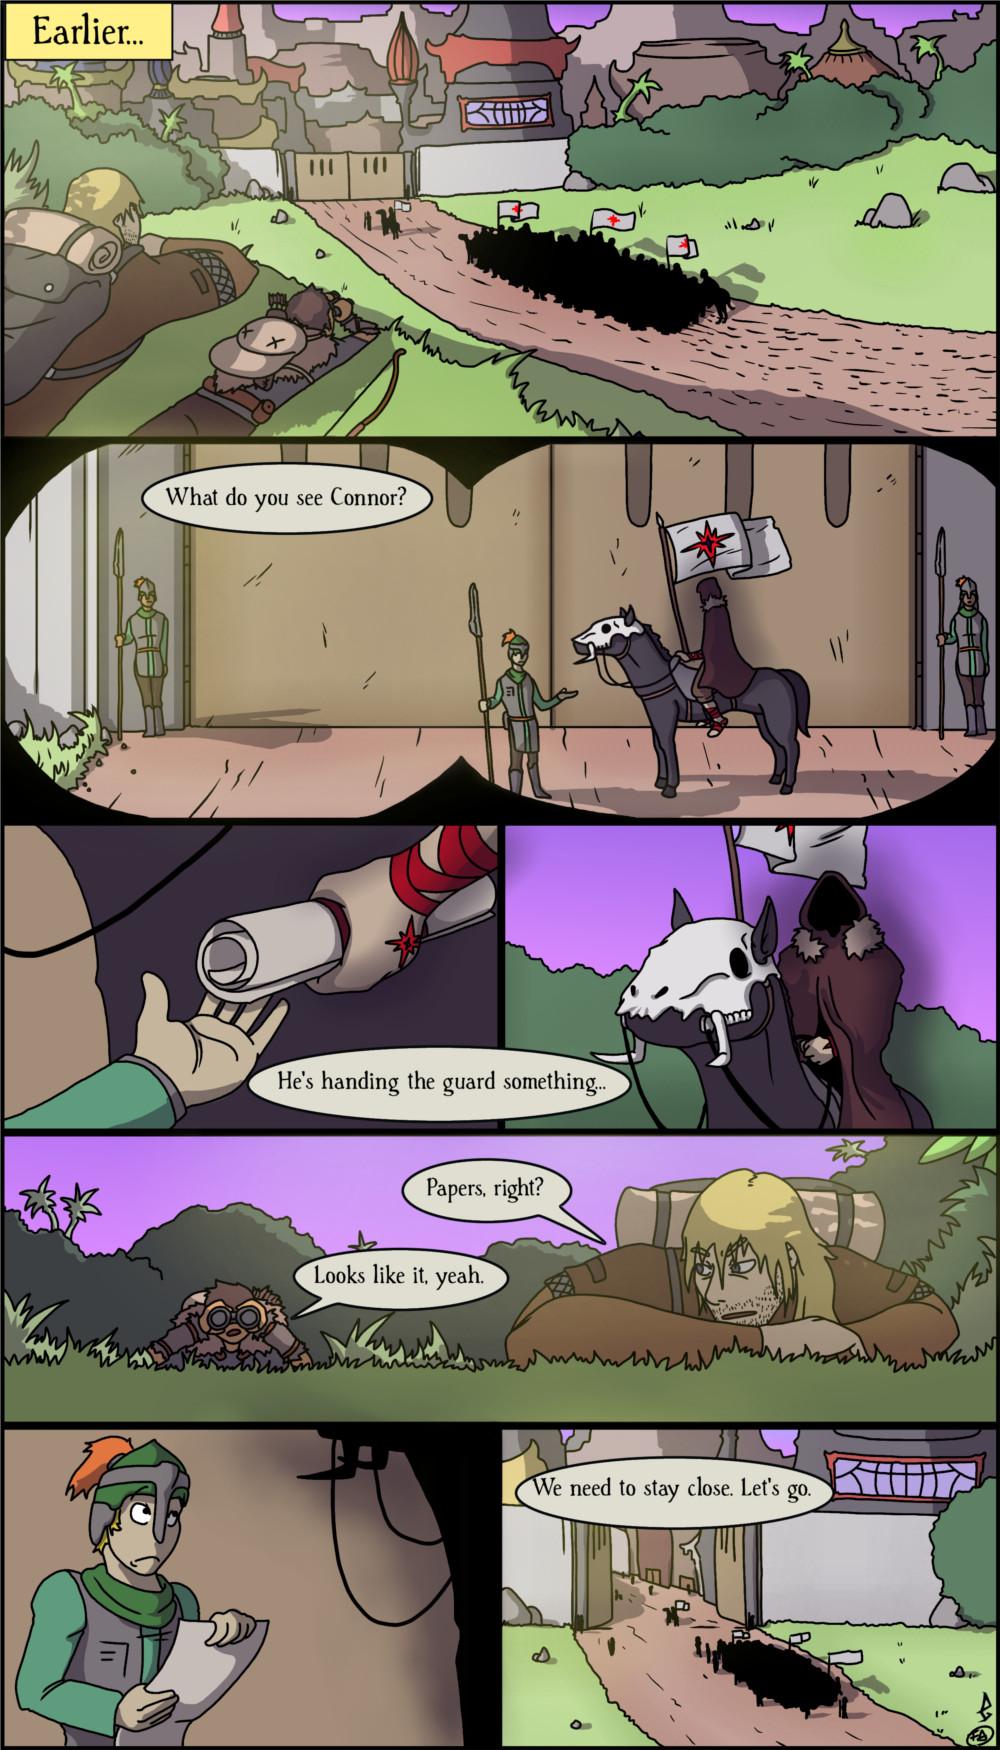 Spooky horse D: